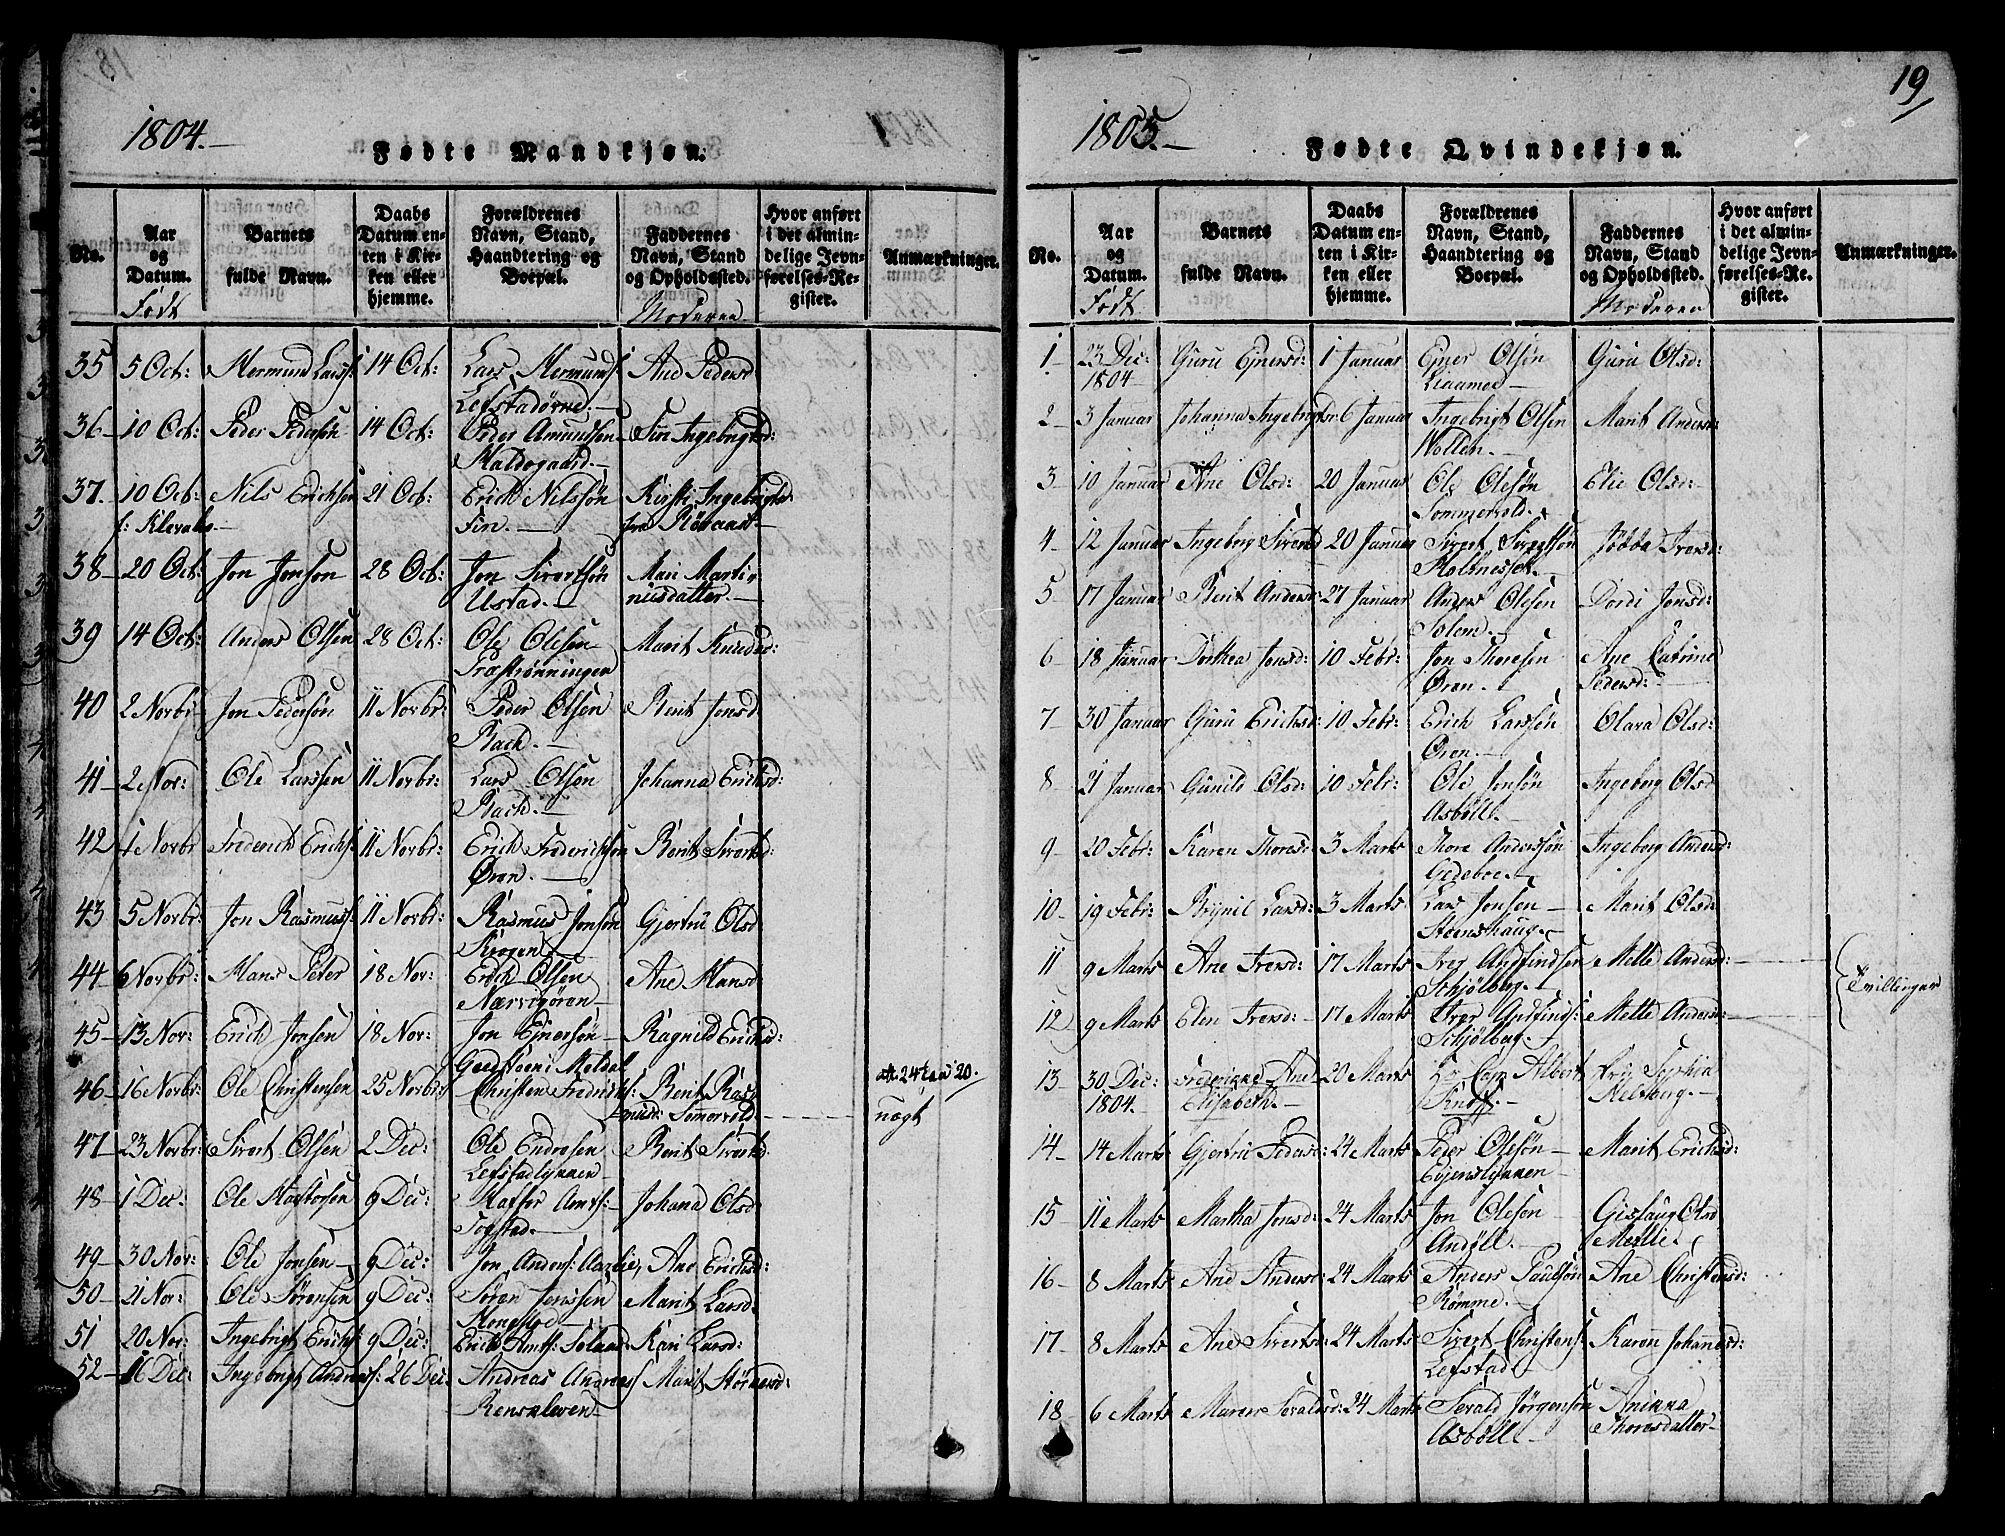 SAT, Ministerialprotokoller, klokkerbøker og fødselsregistre - Sør-Trøndelag, 668/L0803: Ministerialbok nr. 668A03, 1800-1826, s. 19